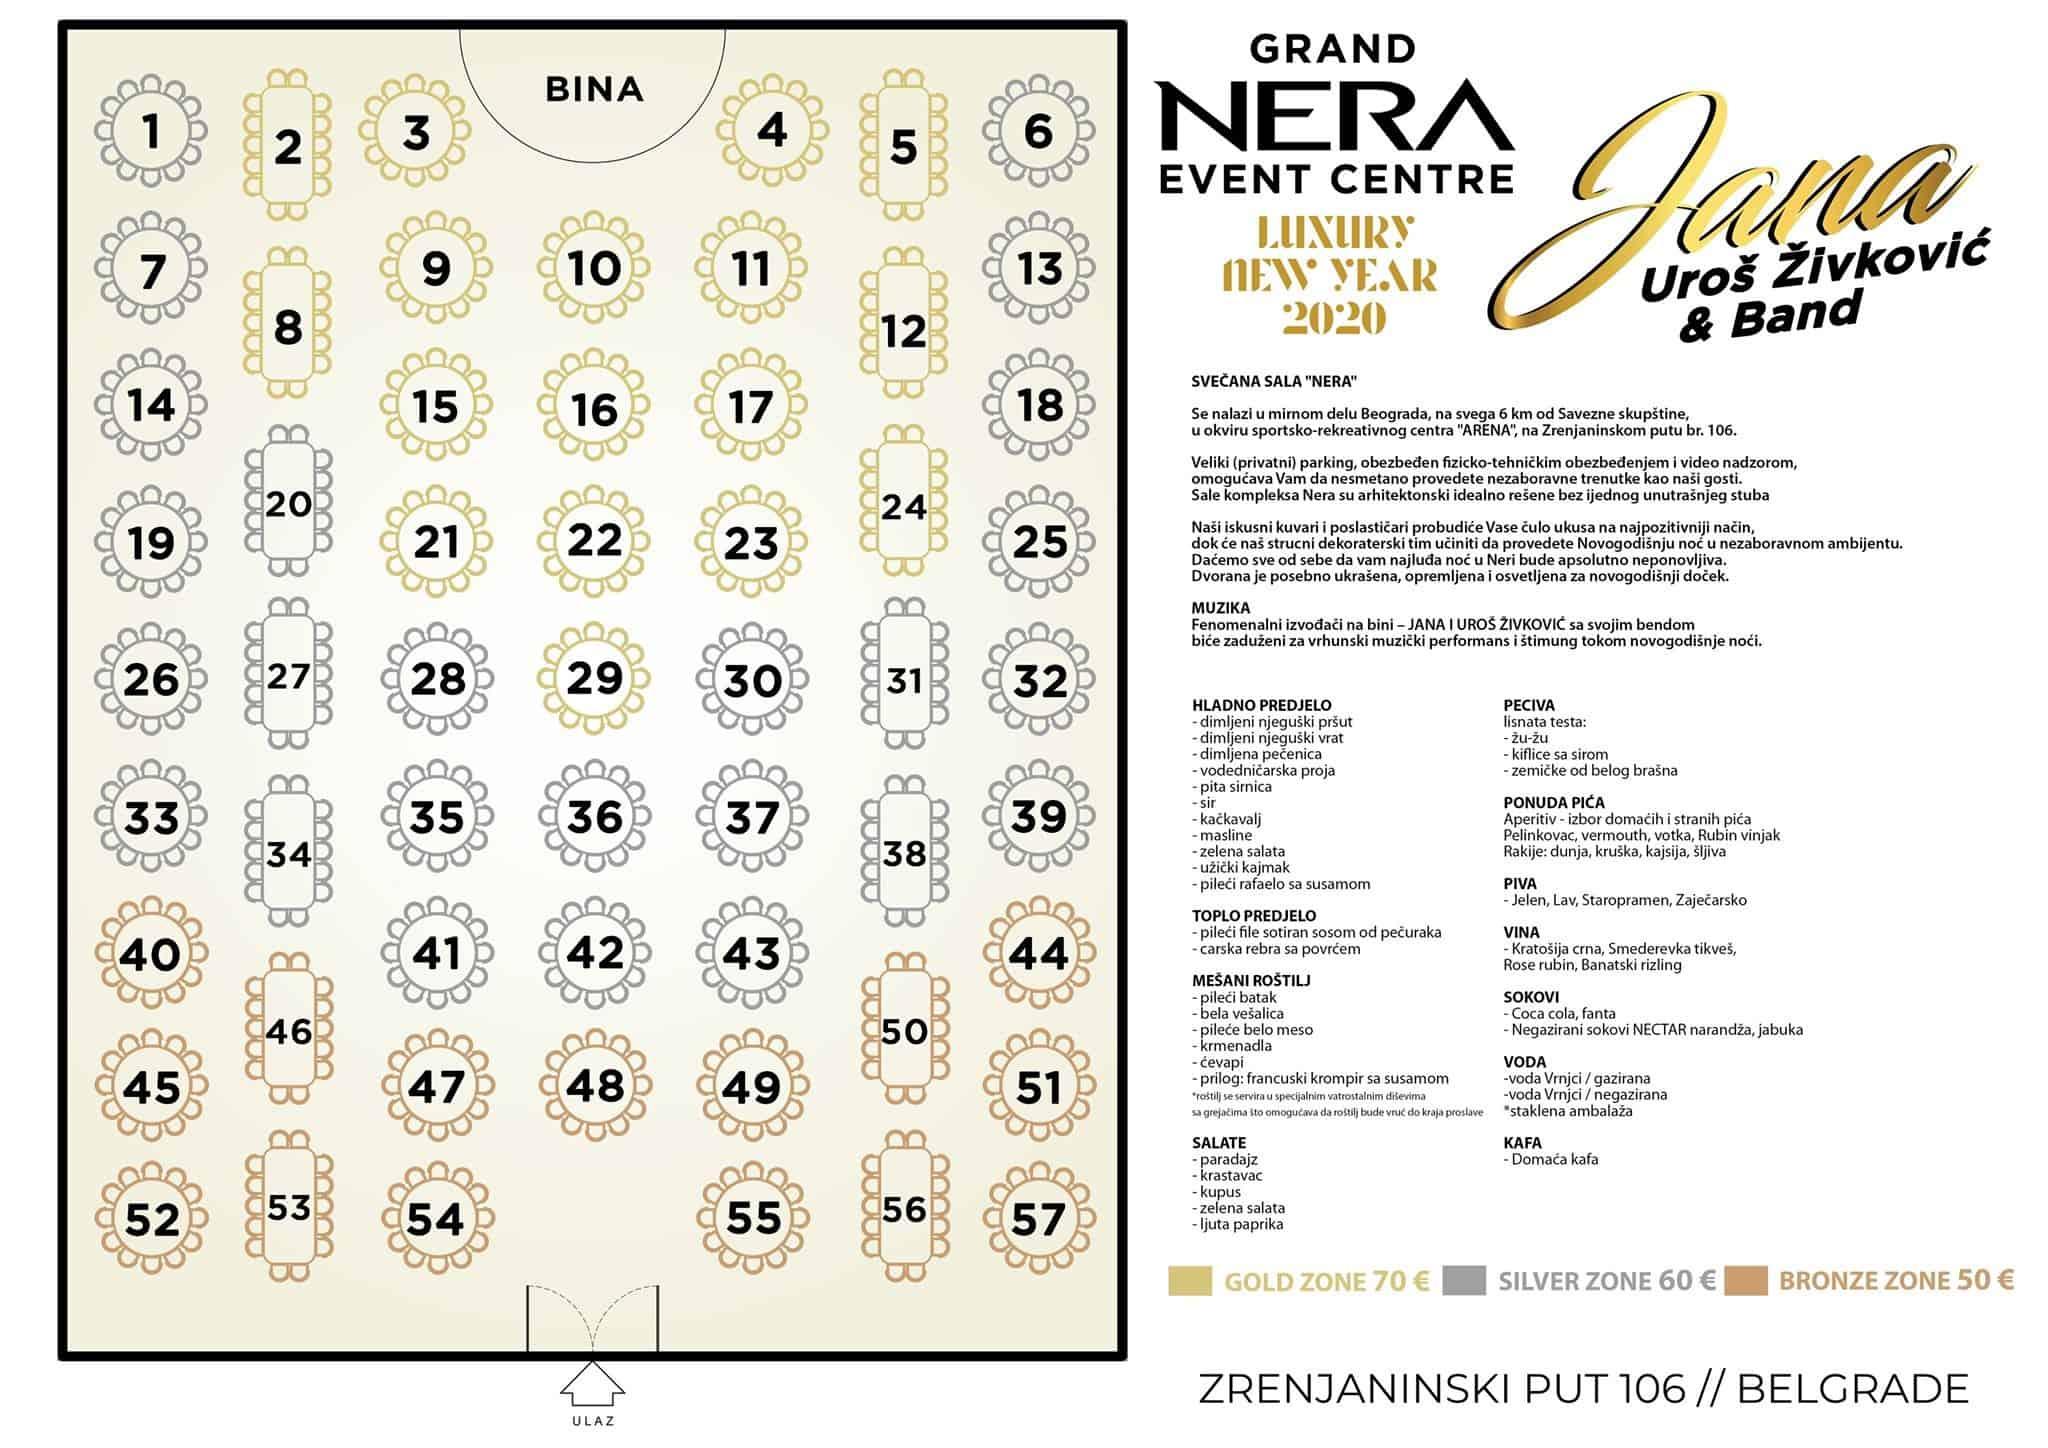 Docek Nove godine Beograd 2020 svecane sale Nera mapa 1